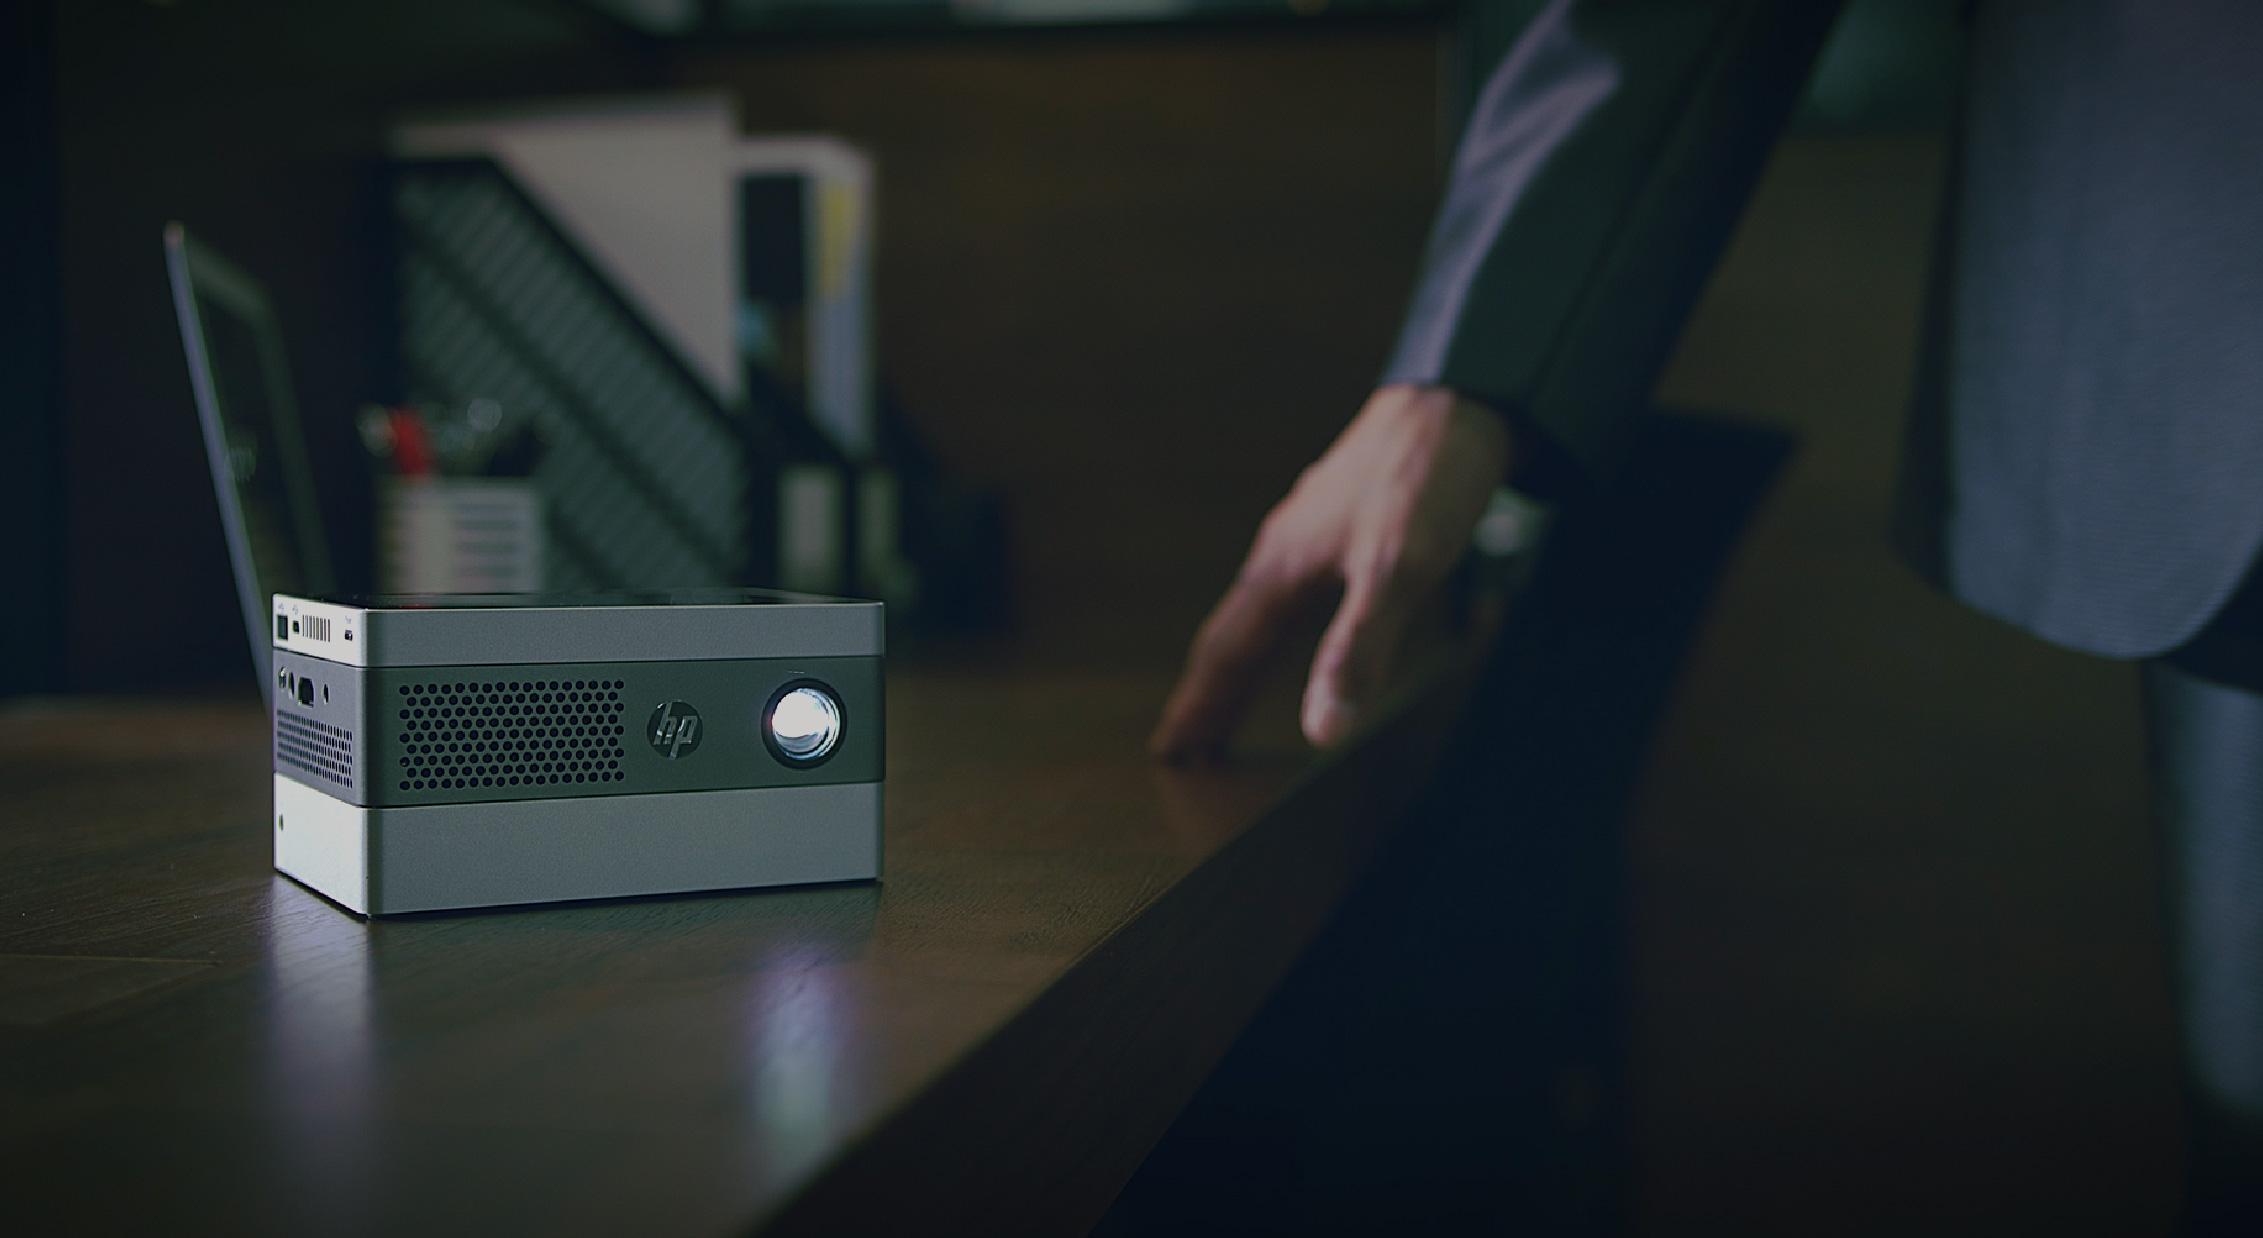 觸摸桌子旁邊的人在木桌上的HP IP400